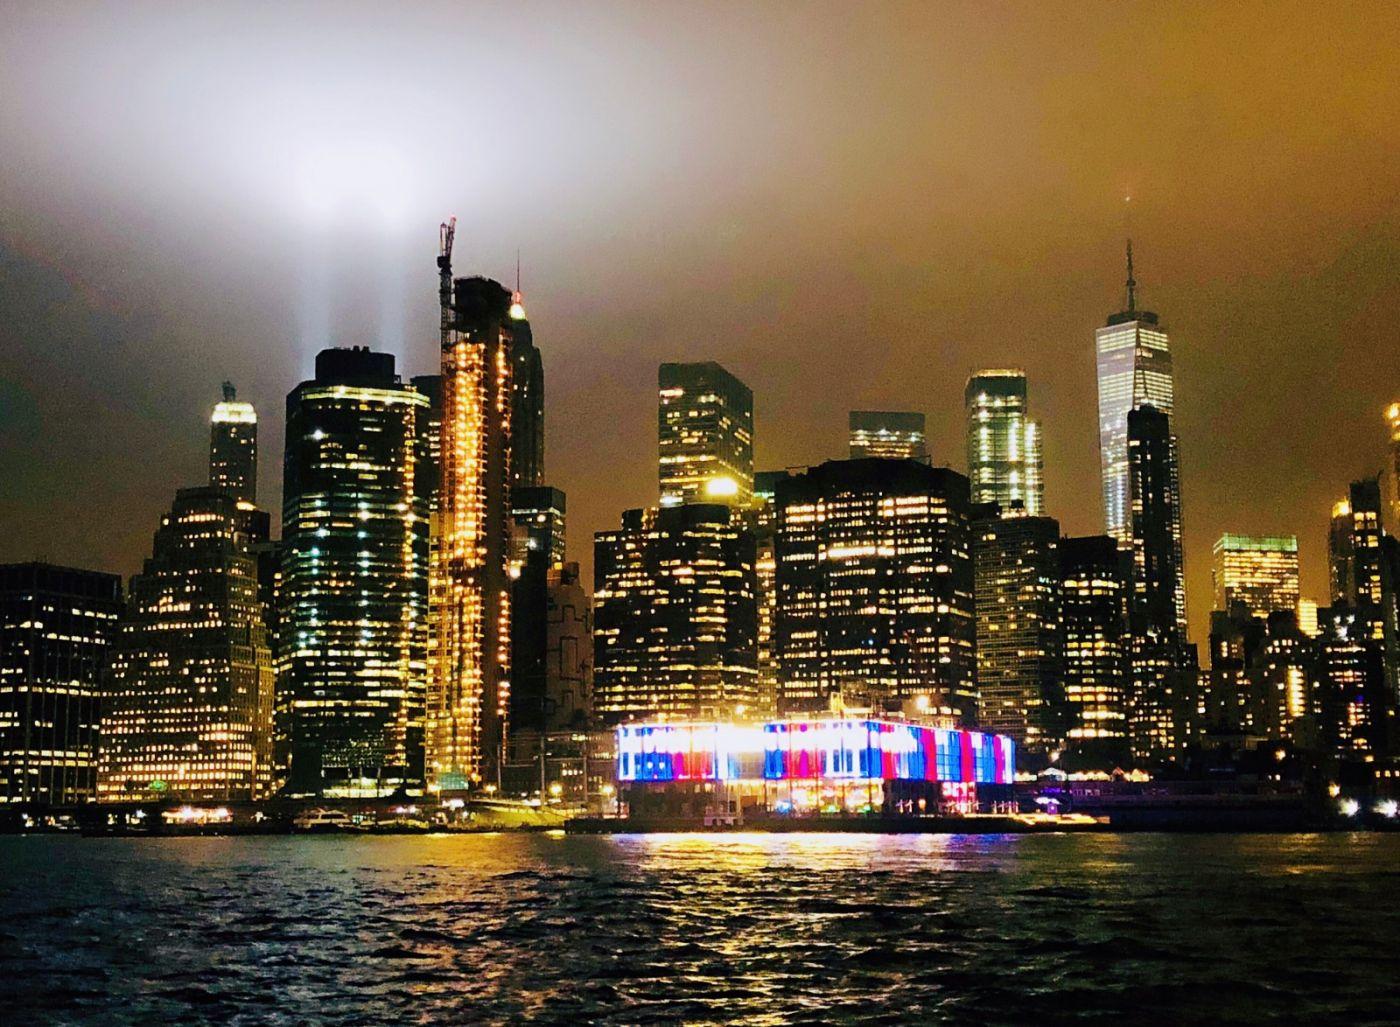 【田螺手机摄影】拍摄灯柱纪念911恐襲17周年_图1-13